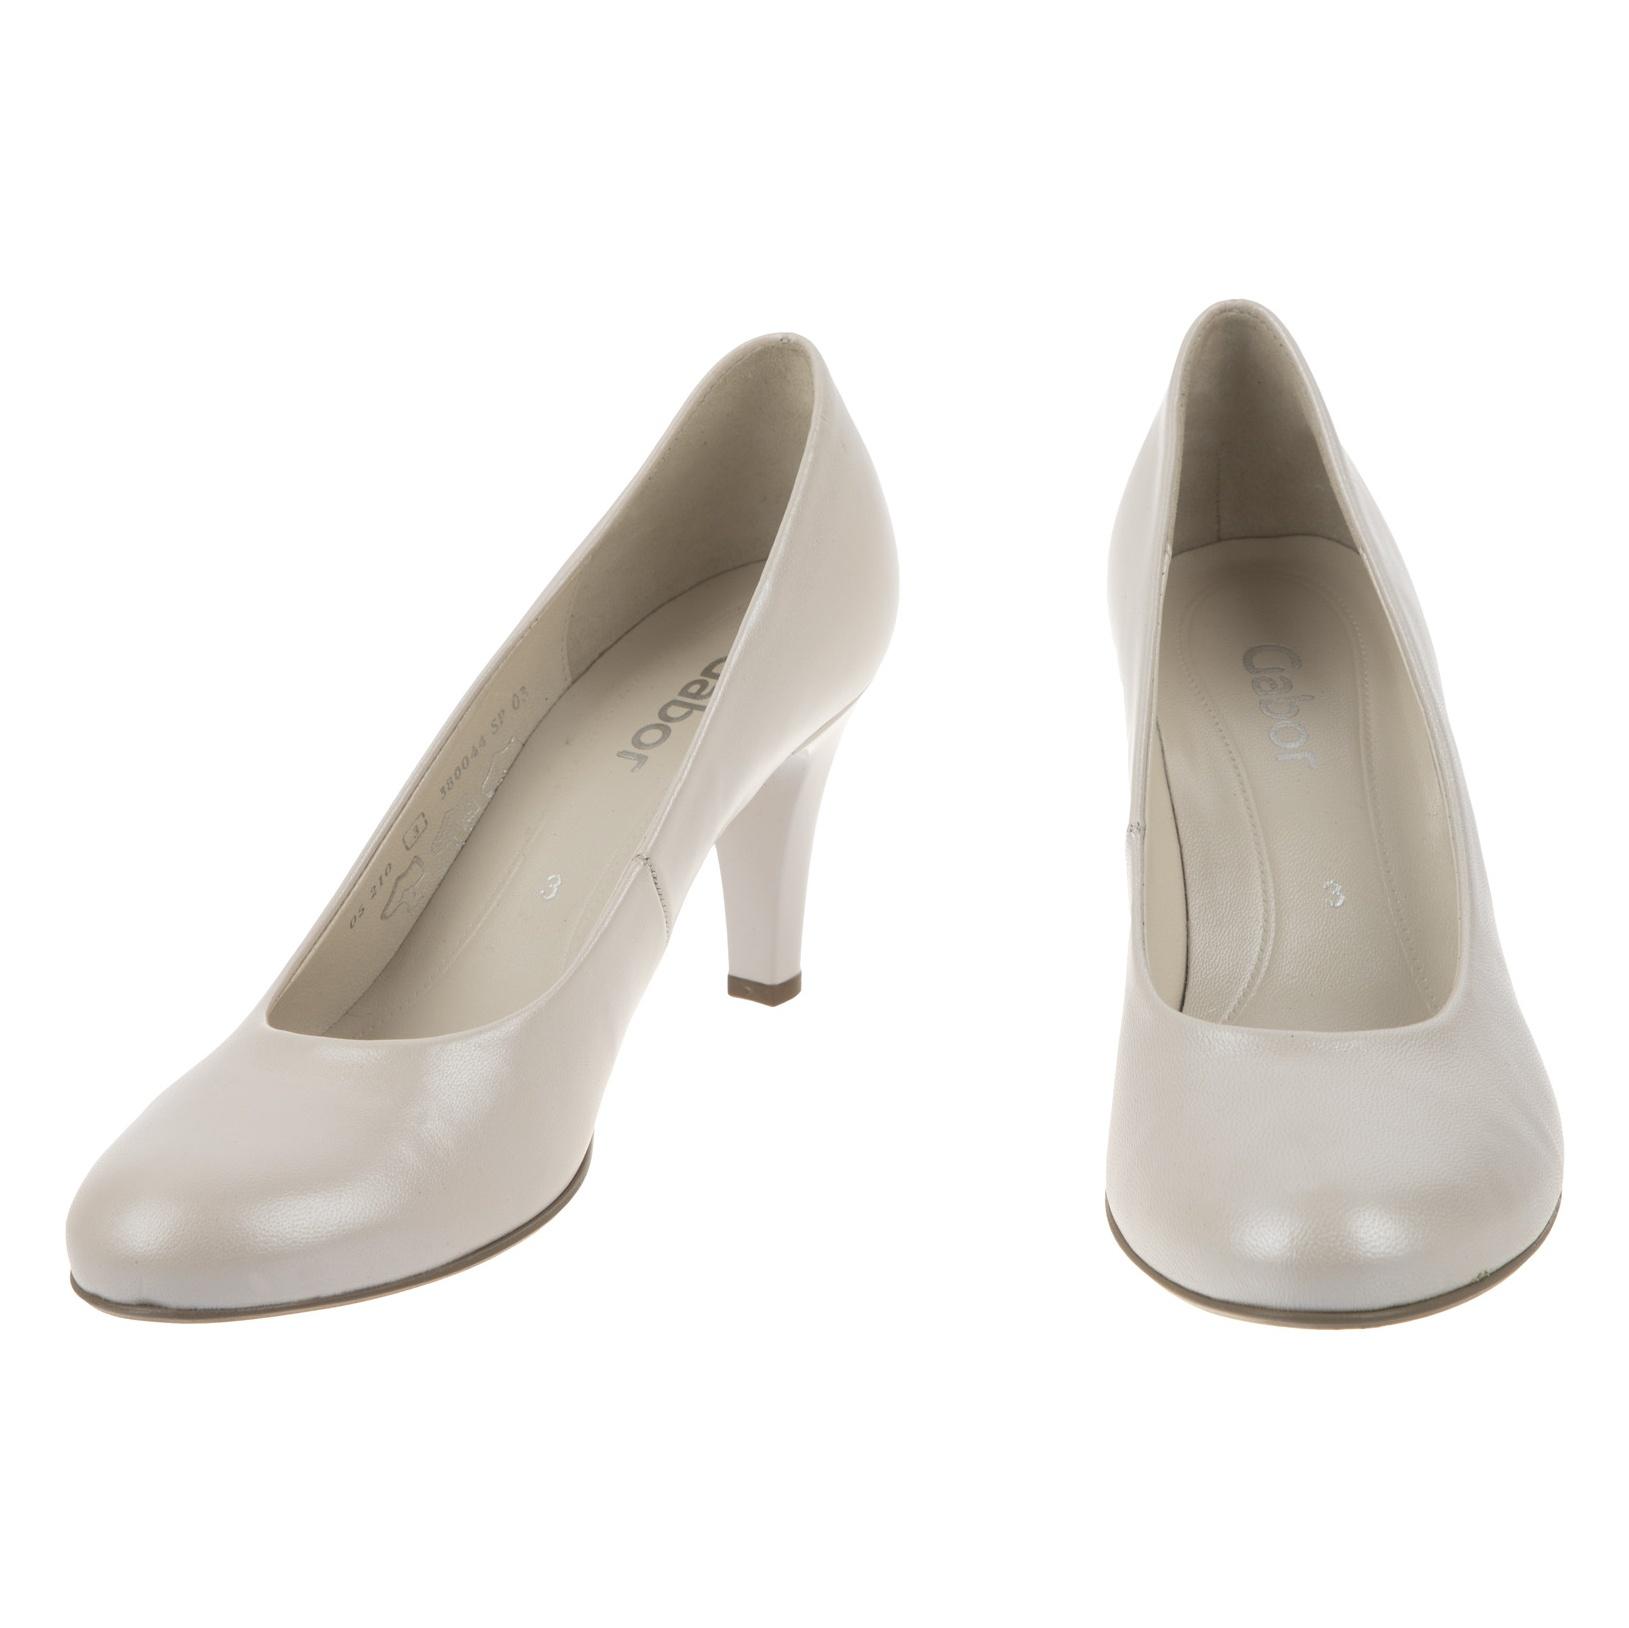 کفش زنانه گابور مدل 05.210.60 main 1 3